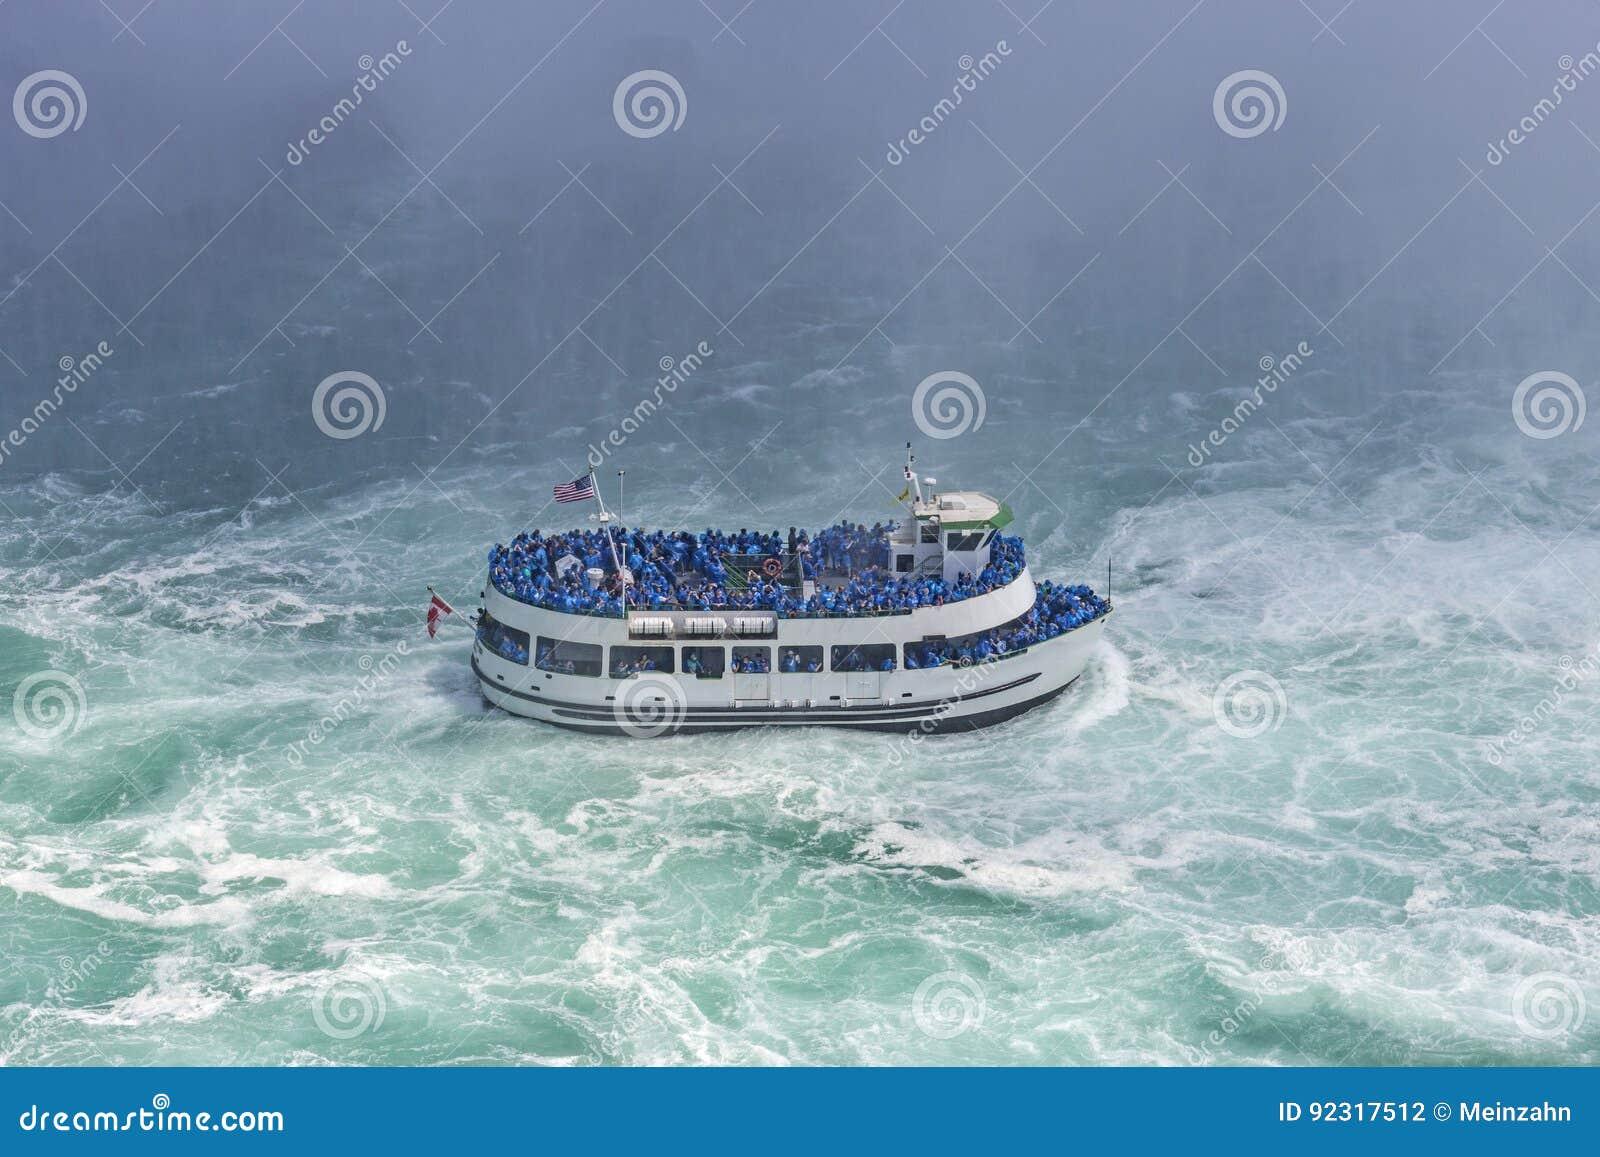 Le bateau avec des touristes désireux de voir le miracle de nature dans l avant